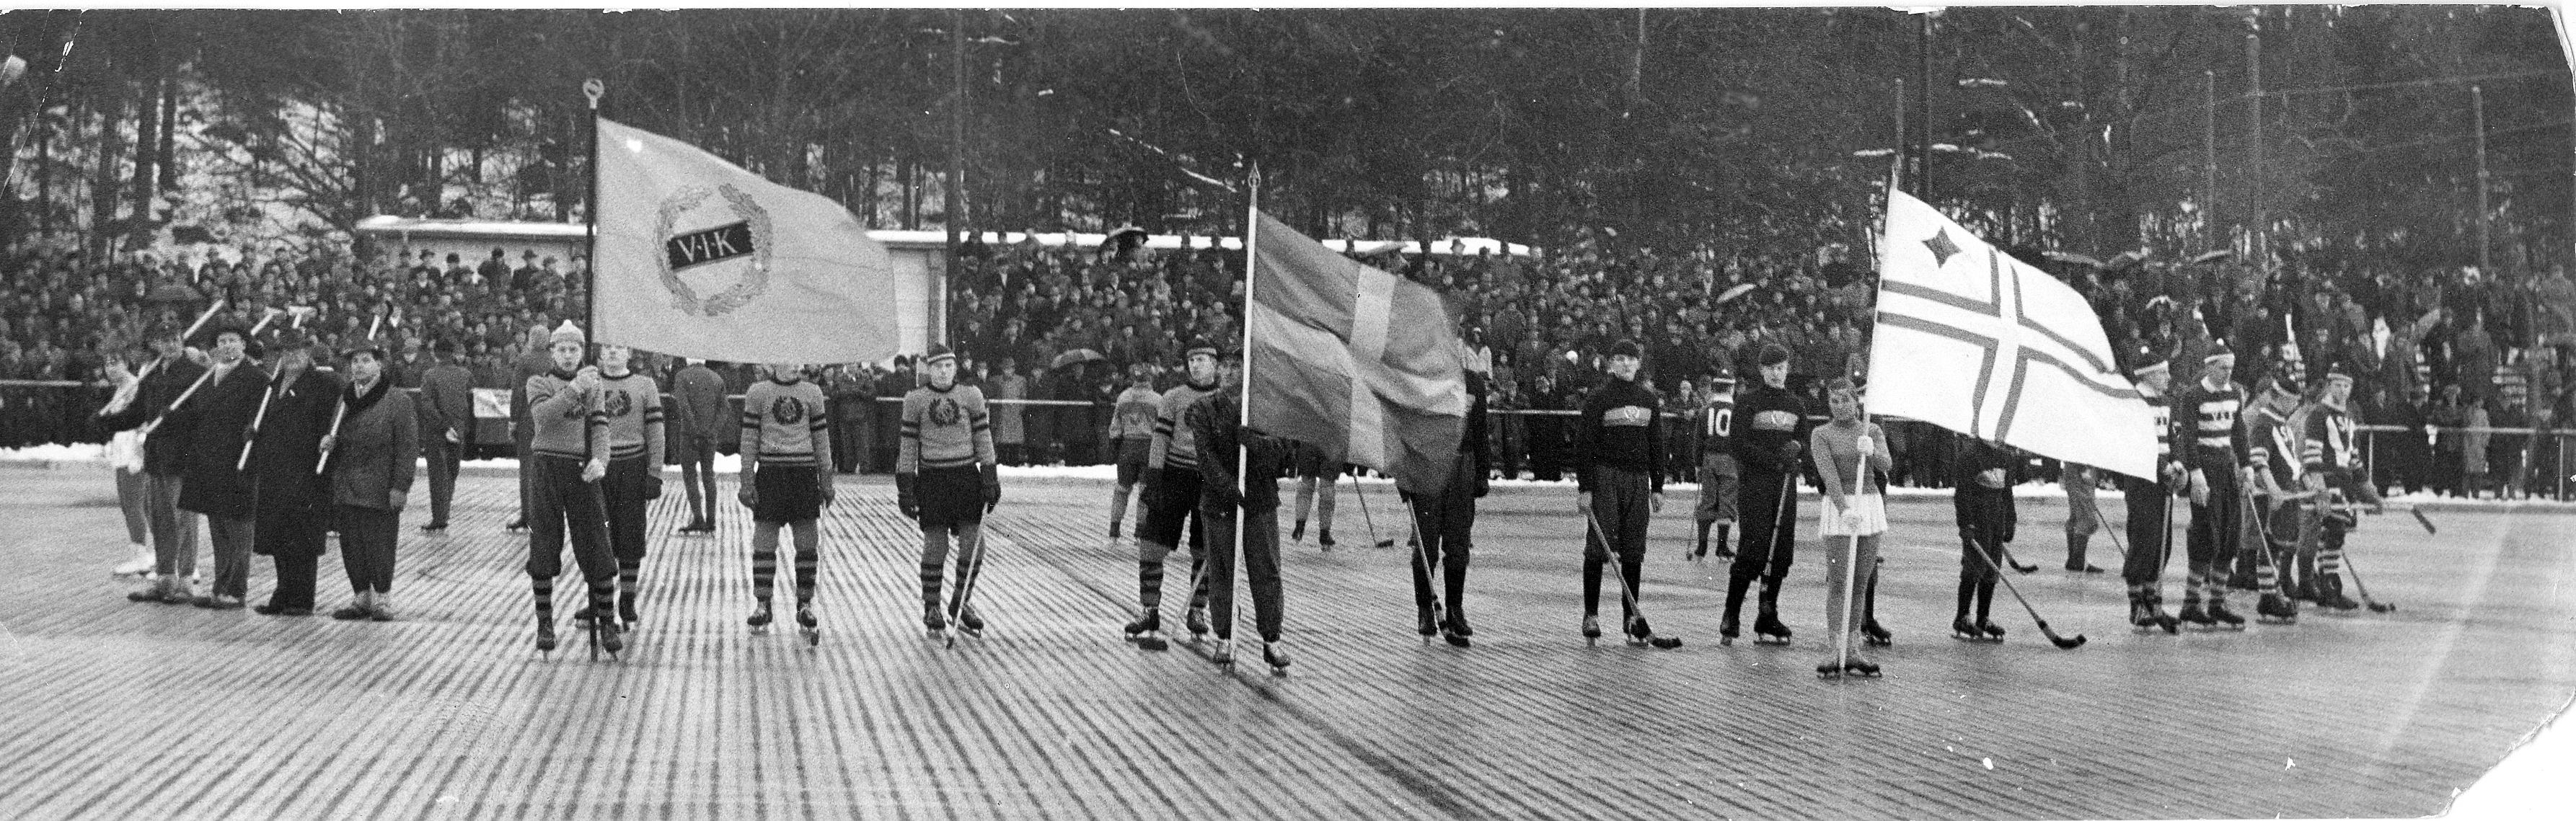 Invigningen 1956. Foto ur boken Arosidrottens 1000 år.